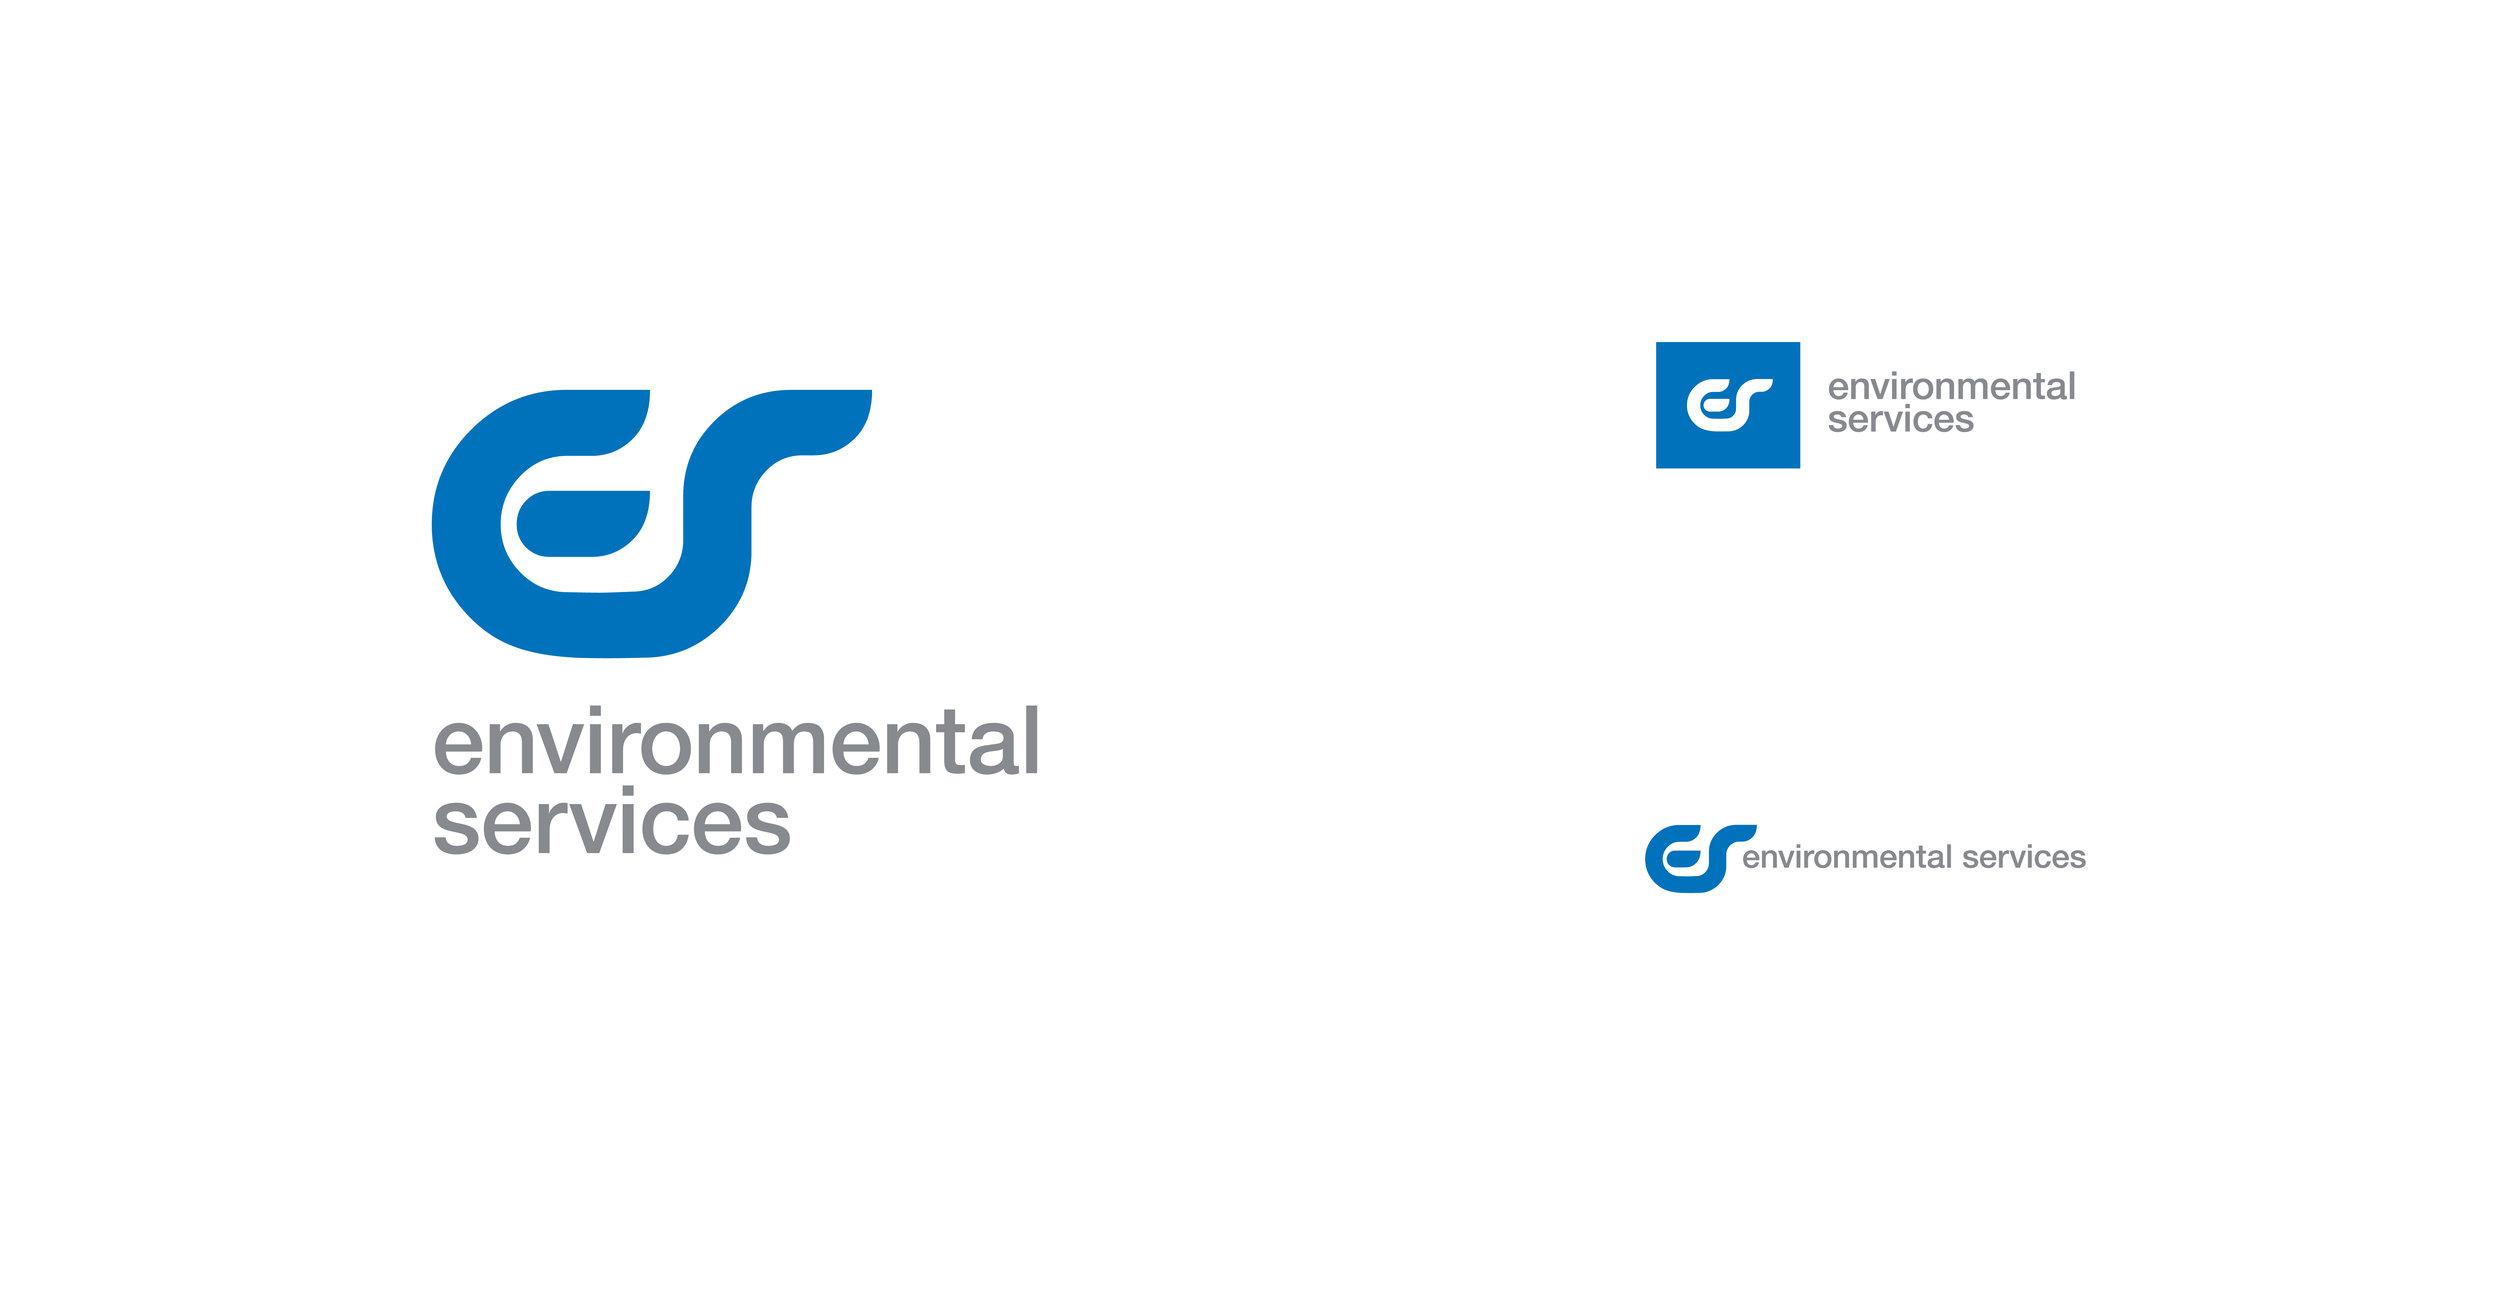 LOGO DESIGN | environmental services green company | modern branding